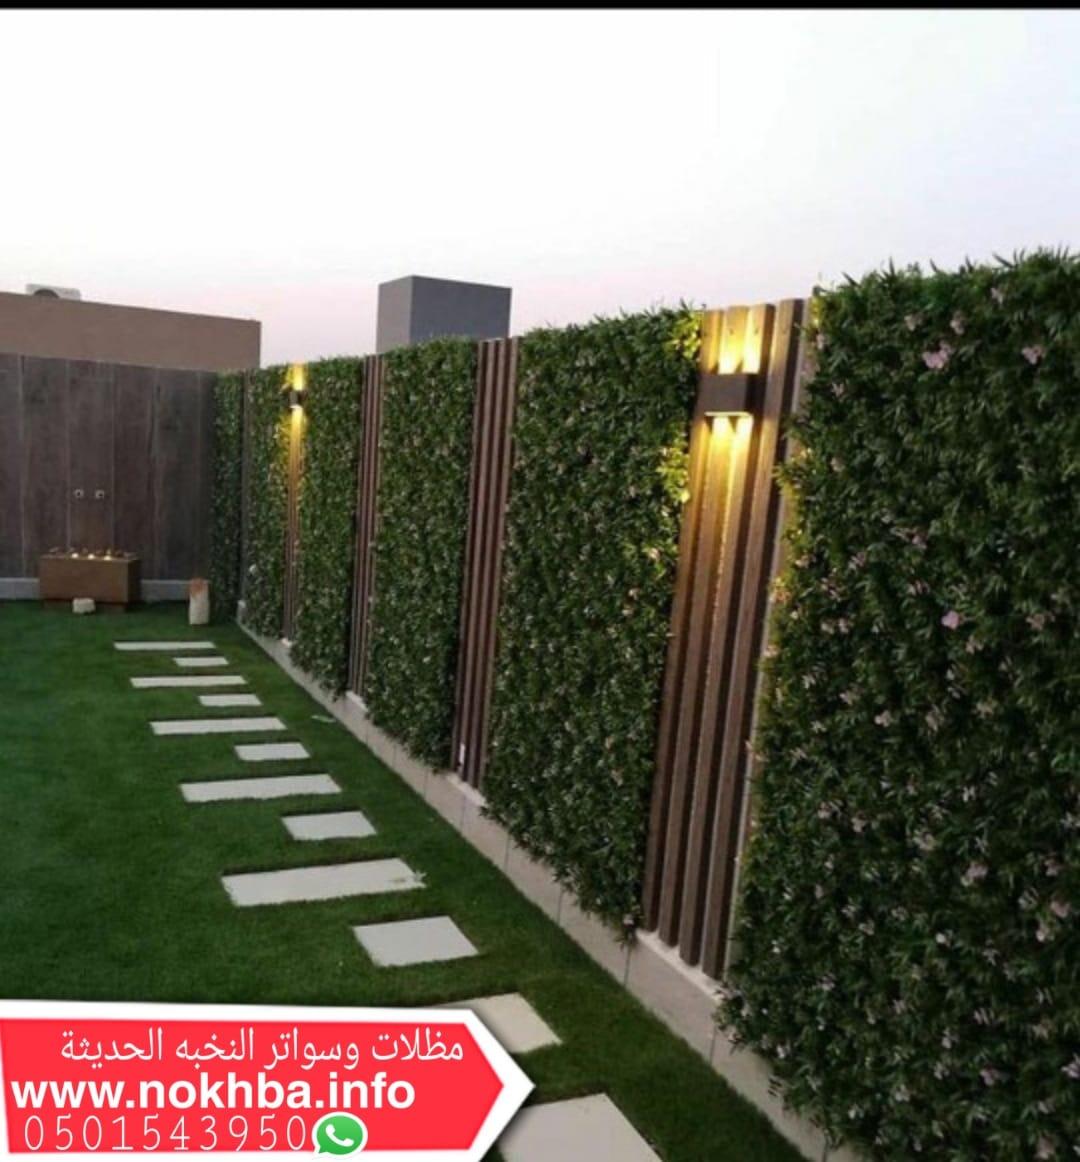 تنسيق حدائق جده , تنسيق حدائق الطائف , 0501543950 , اعشاب صناعيه , تركيب عشب صناعي , P_1753wdxyb3